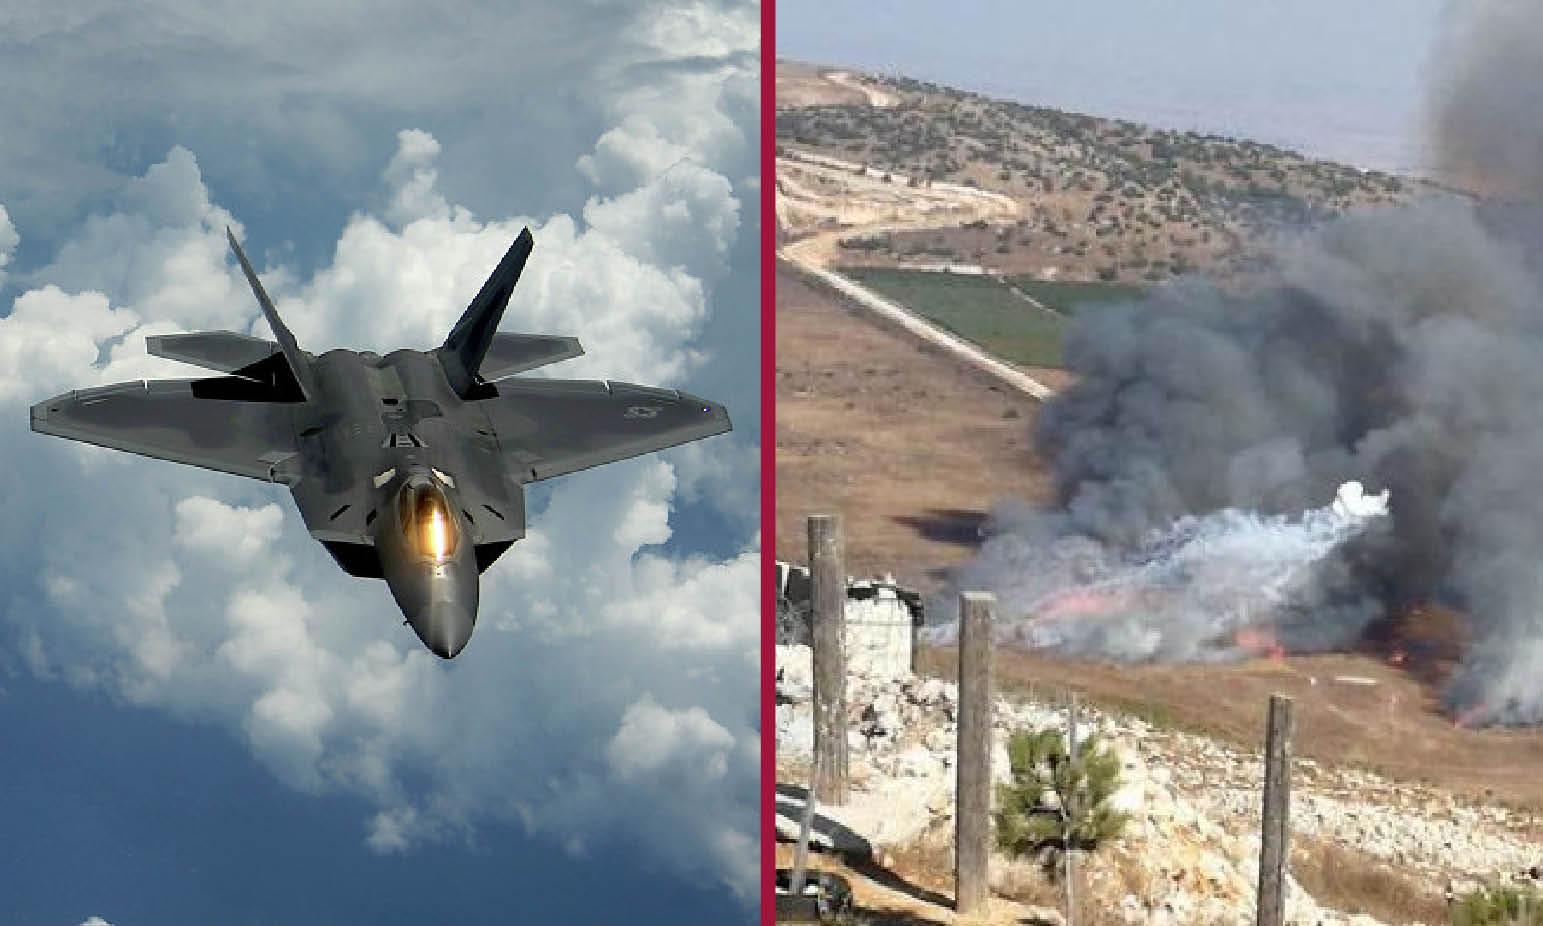 VENTI DI GUERRA TRA ISRAELE E LIBANO. GLI USA ROMPONO LA TREGUA RUSSA IN SIRIA